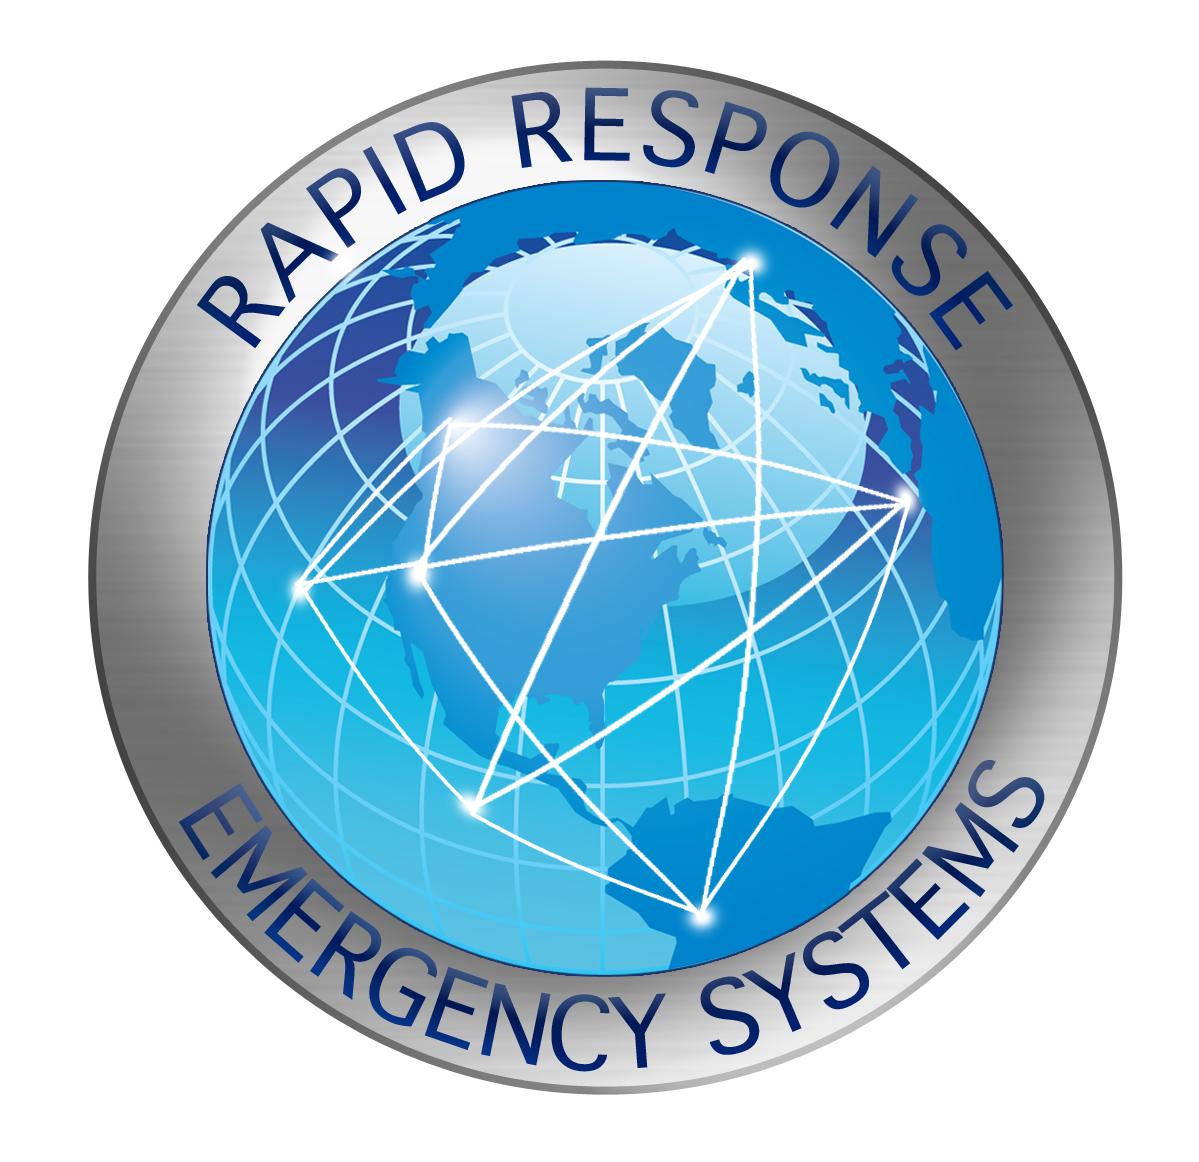 RRES logo-globe-12-23-14-2.jpg